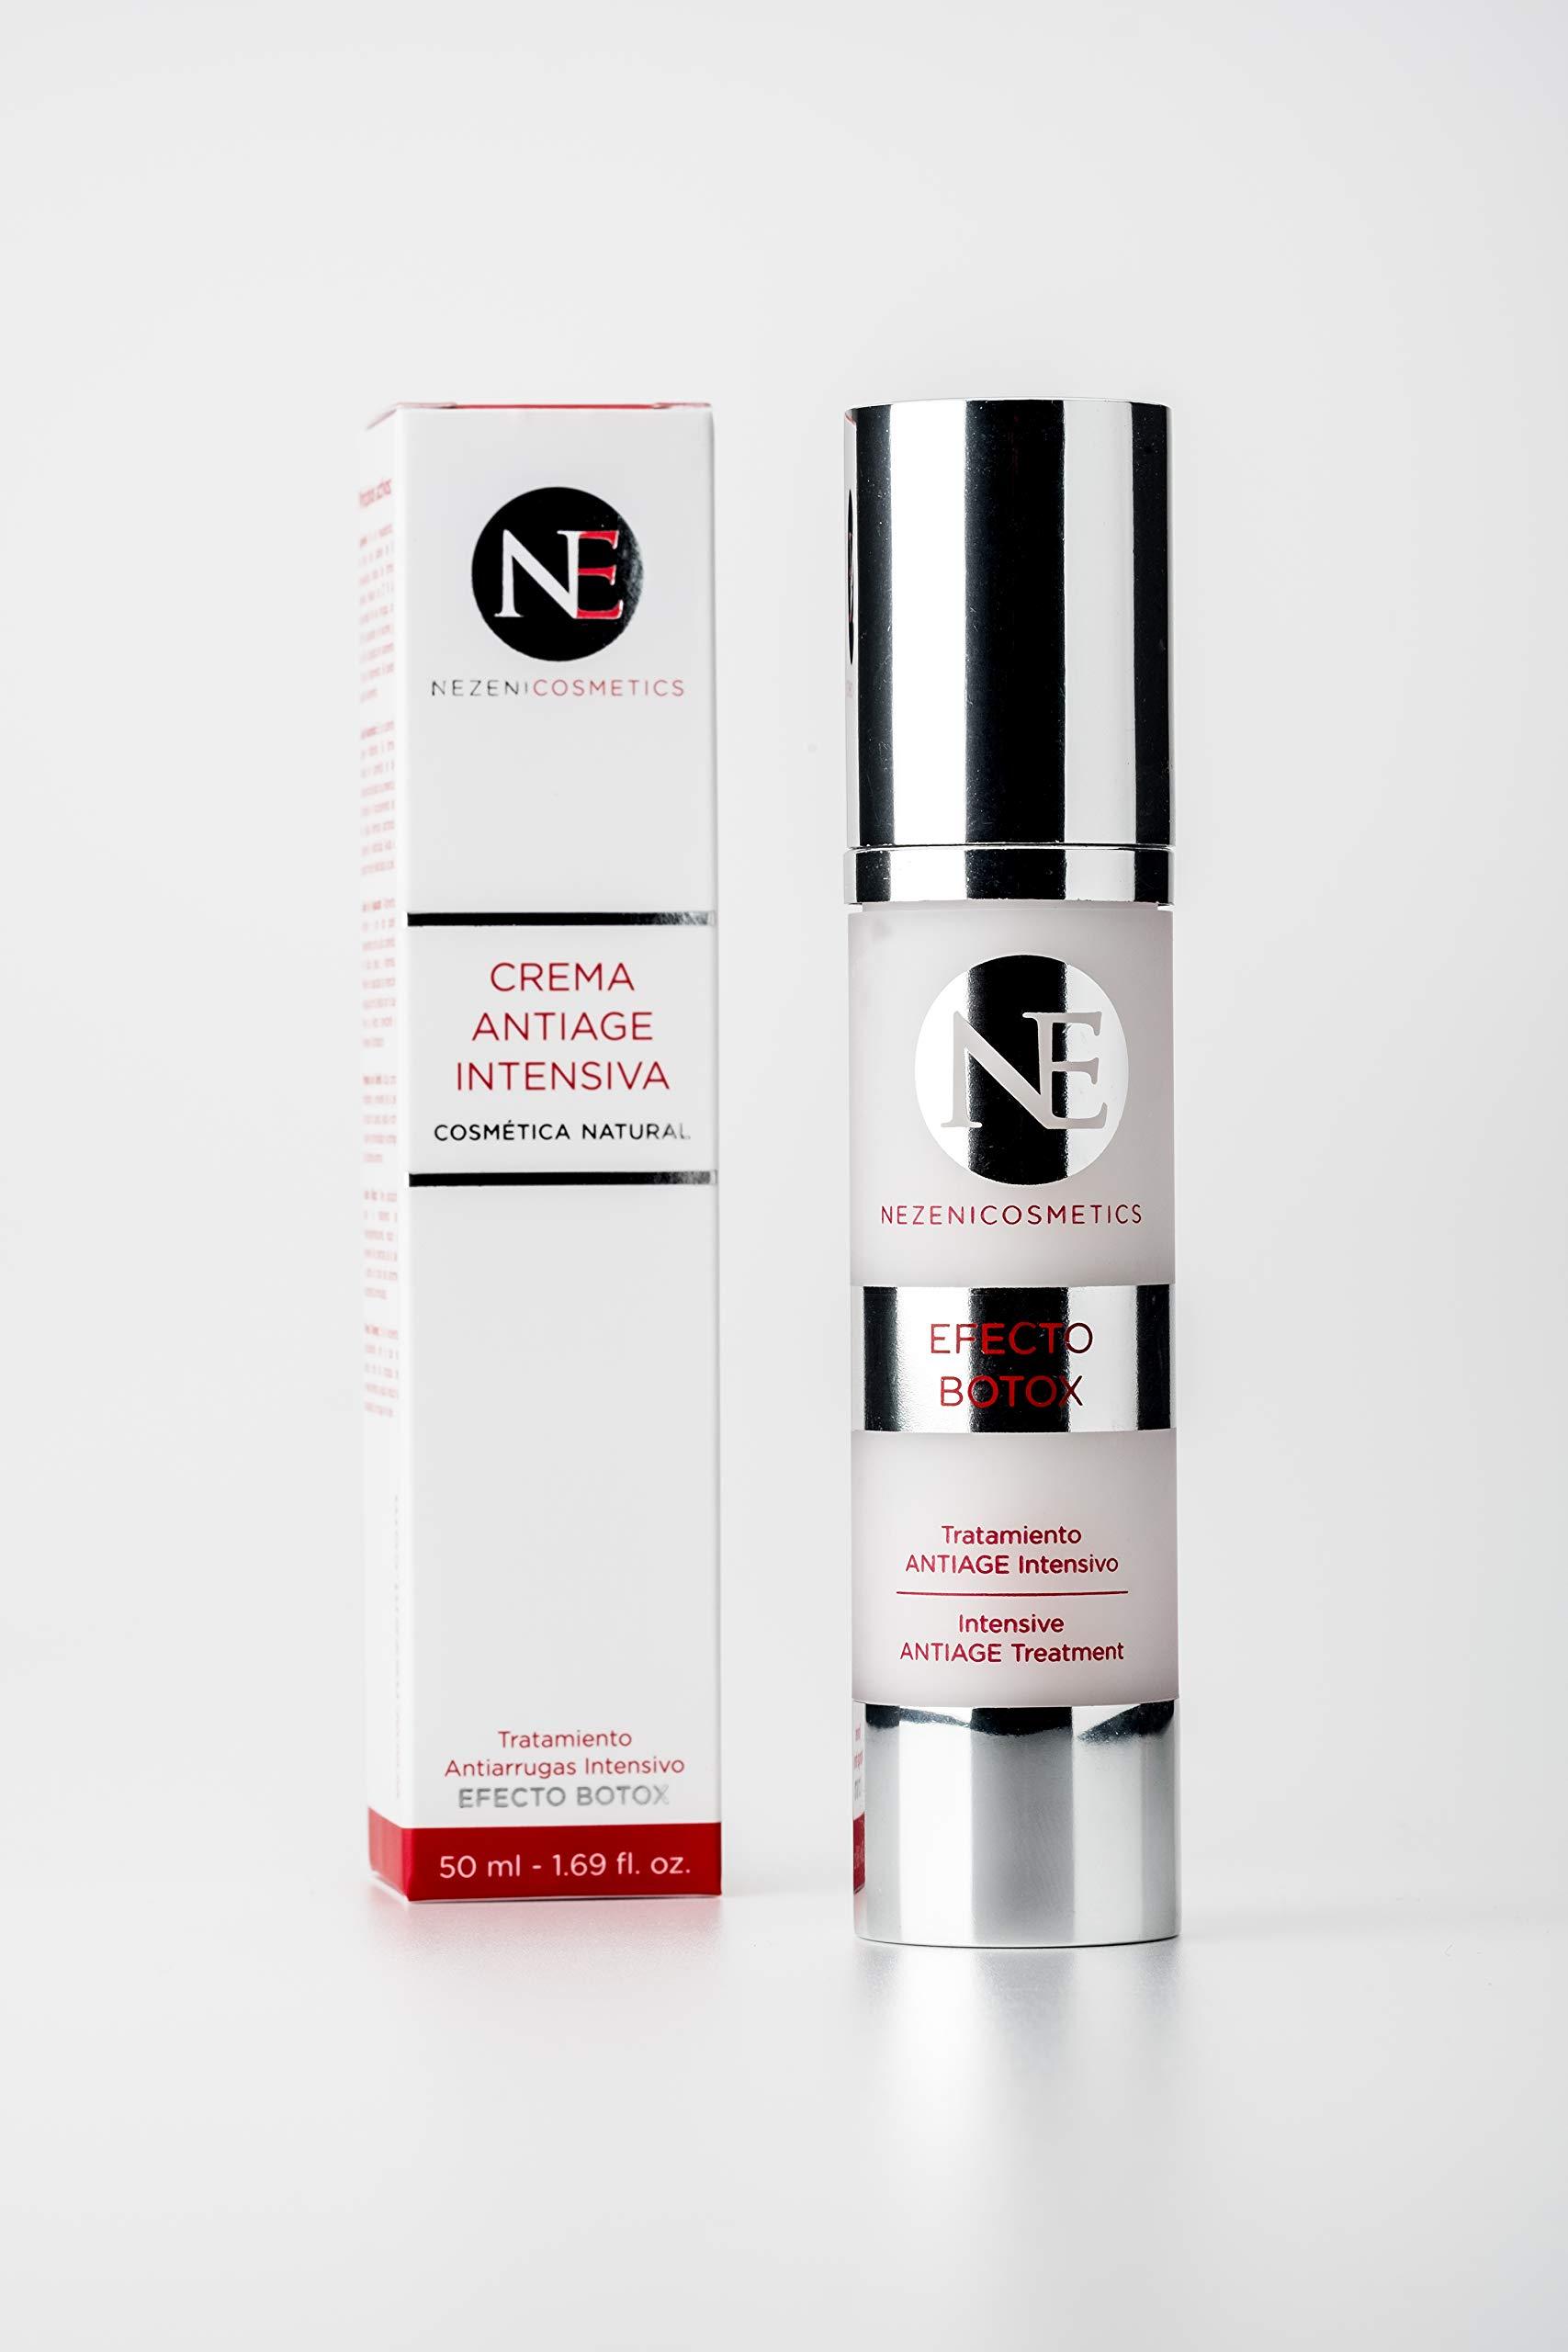 Nezeni Crema Antiarrugas Tratamiento Antiage Intensivo 50 ml - BAJO CONSERVANTES 2 años caducidad cerrado product